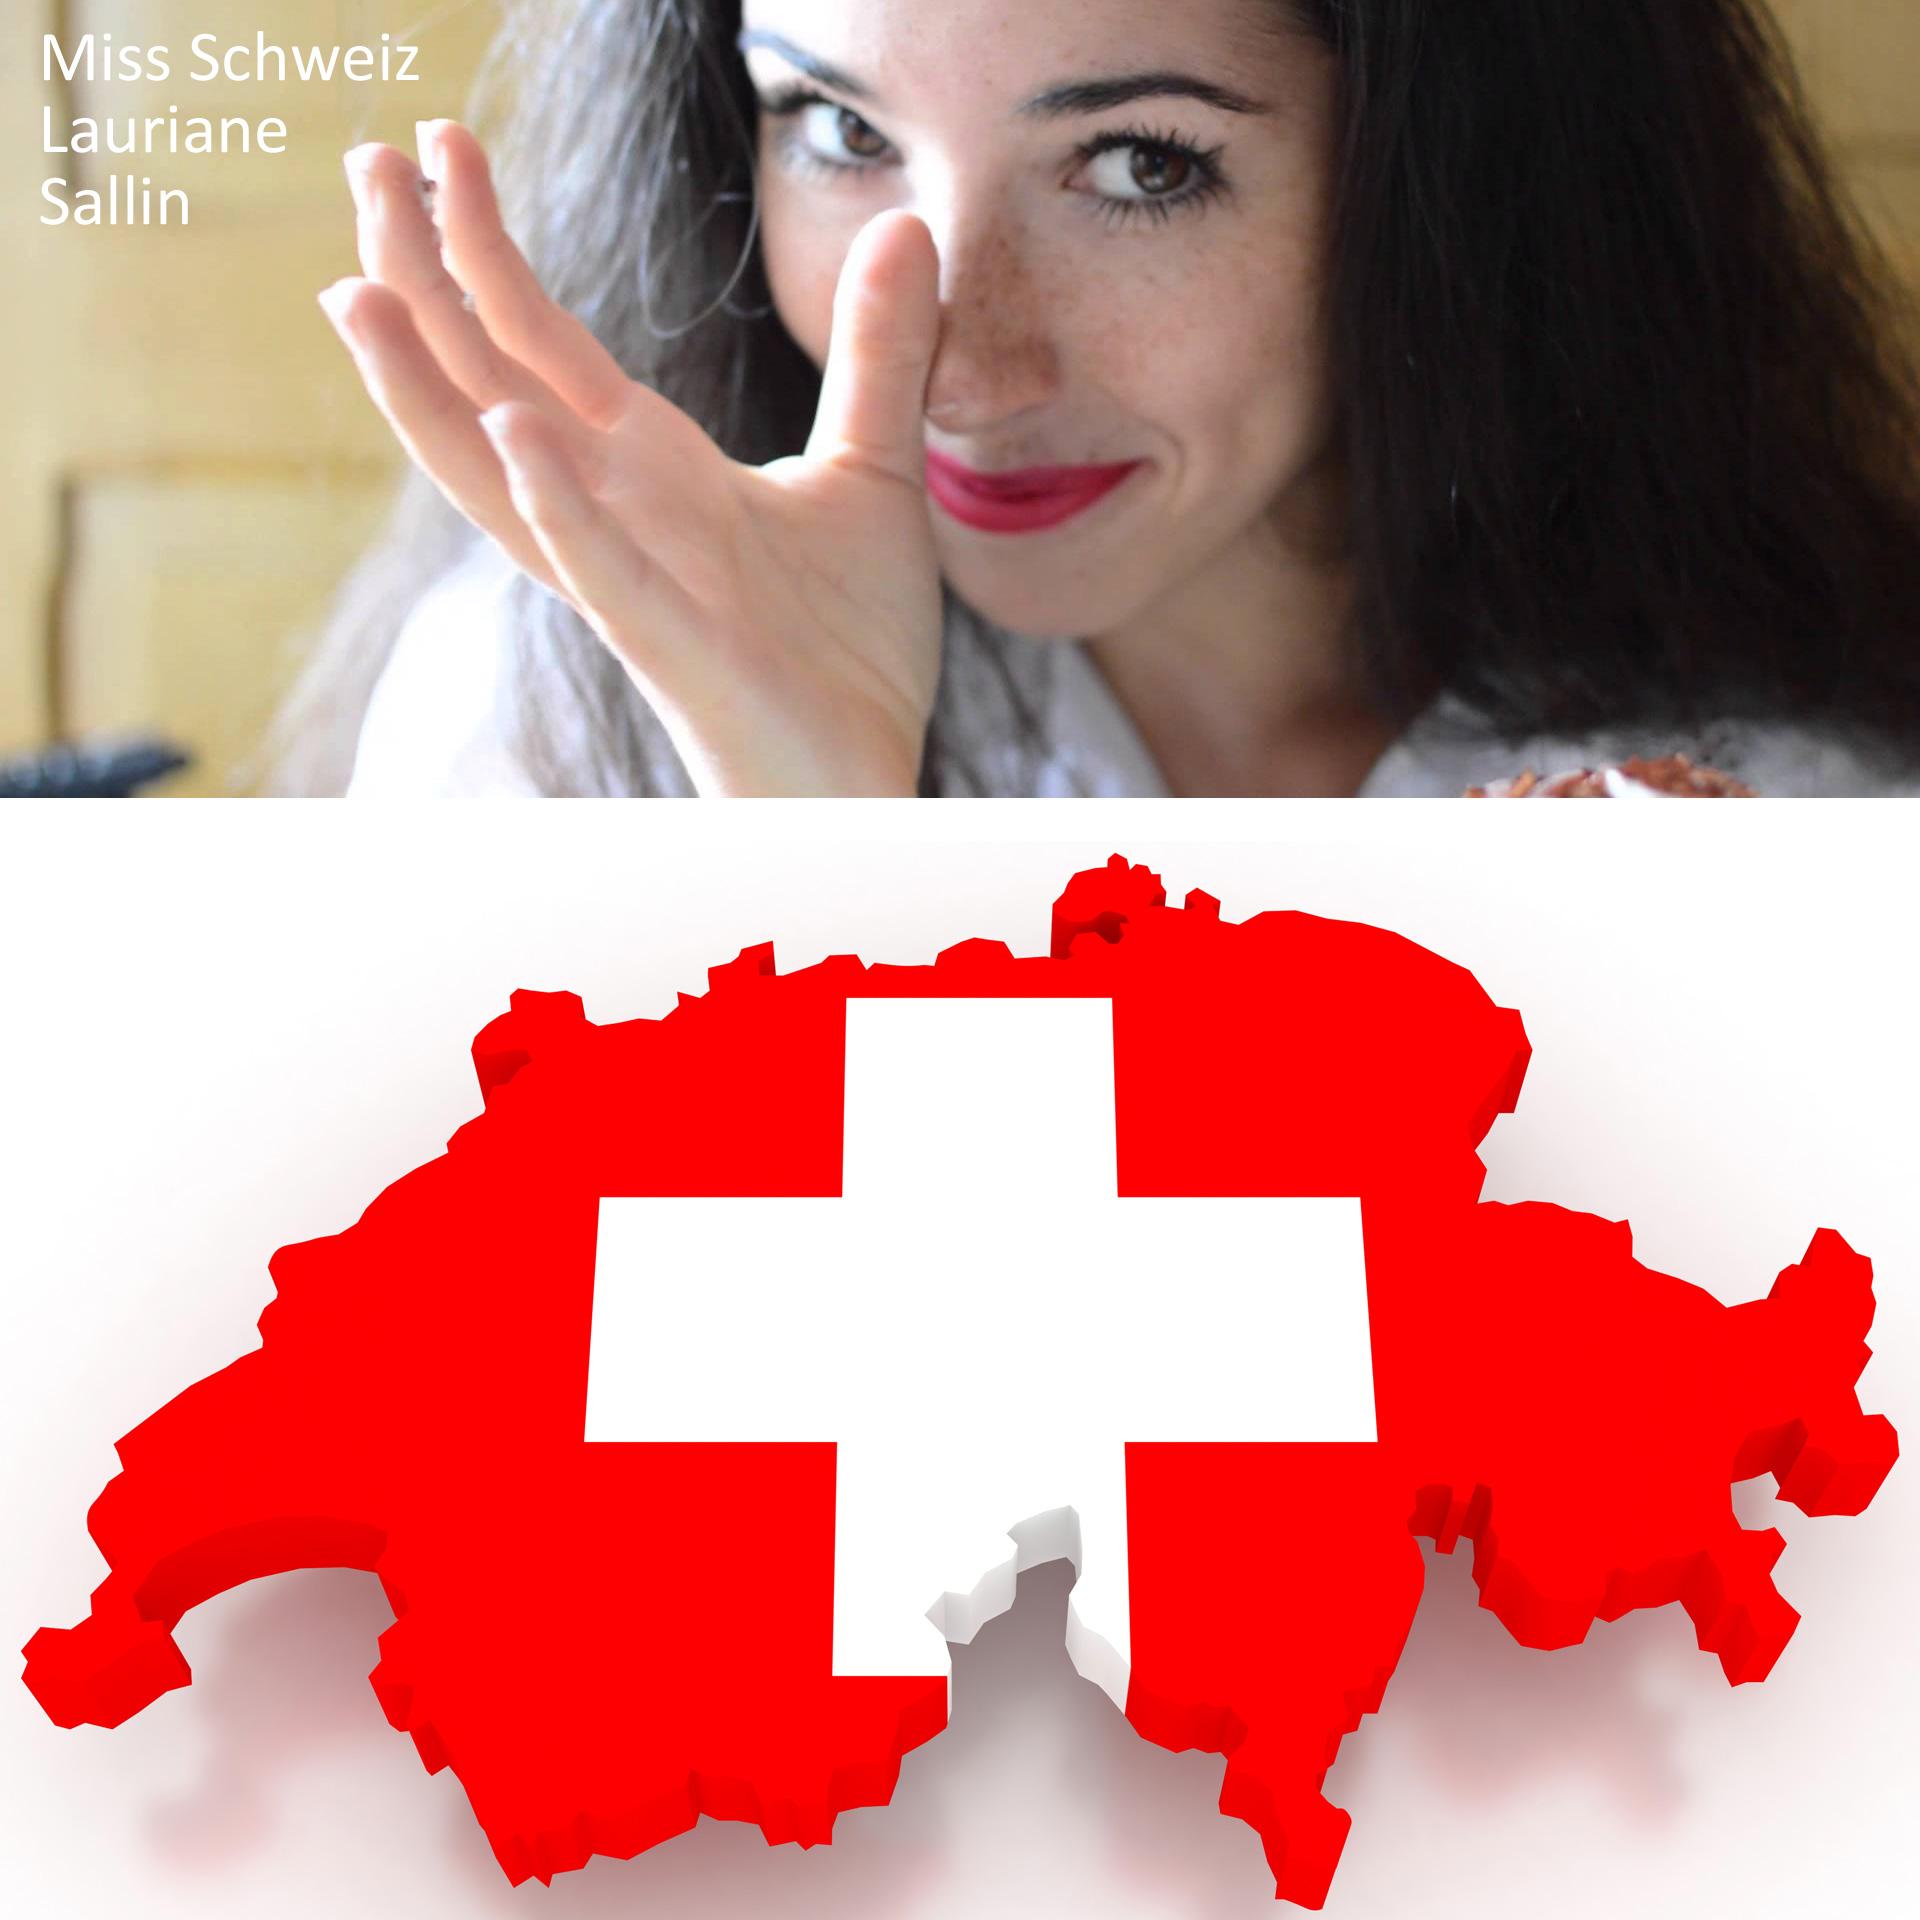 Endlager_nukleare_Abfallstoffe_Schweiz_Vorschlag_Deep_Bighole_Dipl.-Ing._Goebel_Brunnen_Schweiz_Lauriane_Sallin_Miss_Schweiz_2015.jpg